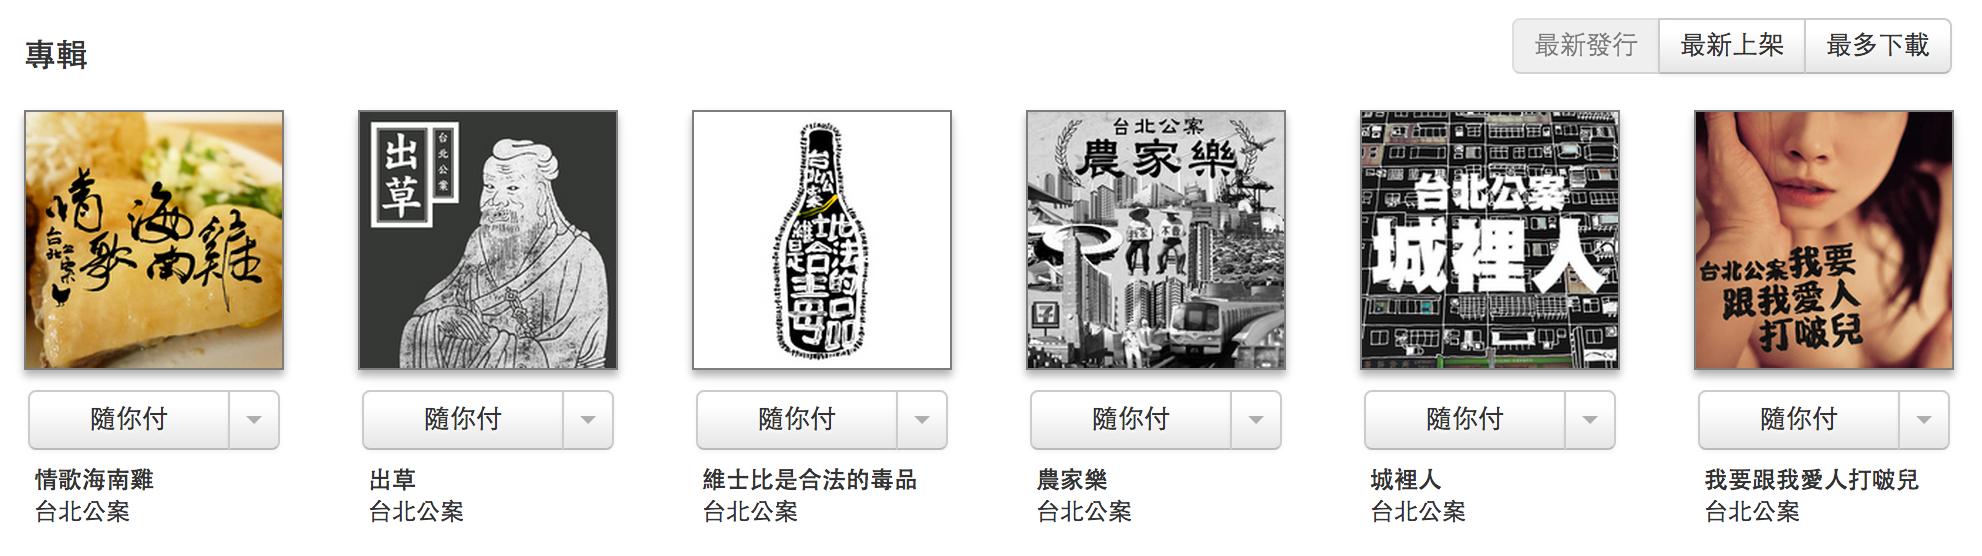 創作樂團台北公案有多張作品供樂迷「隨你付」下載